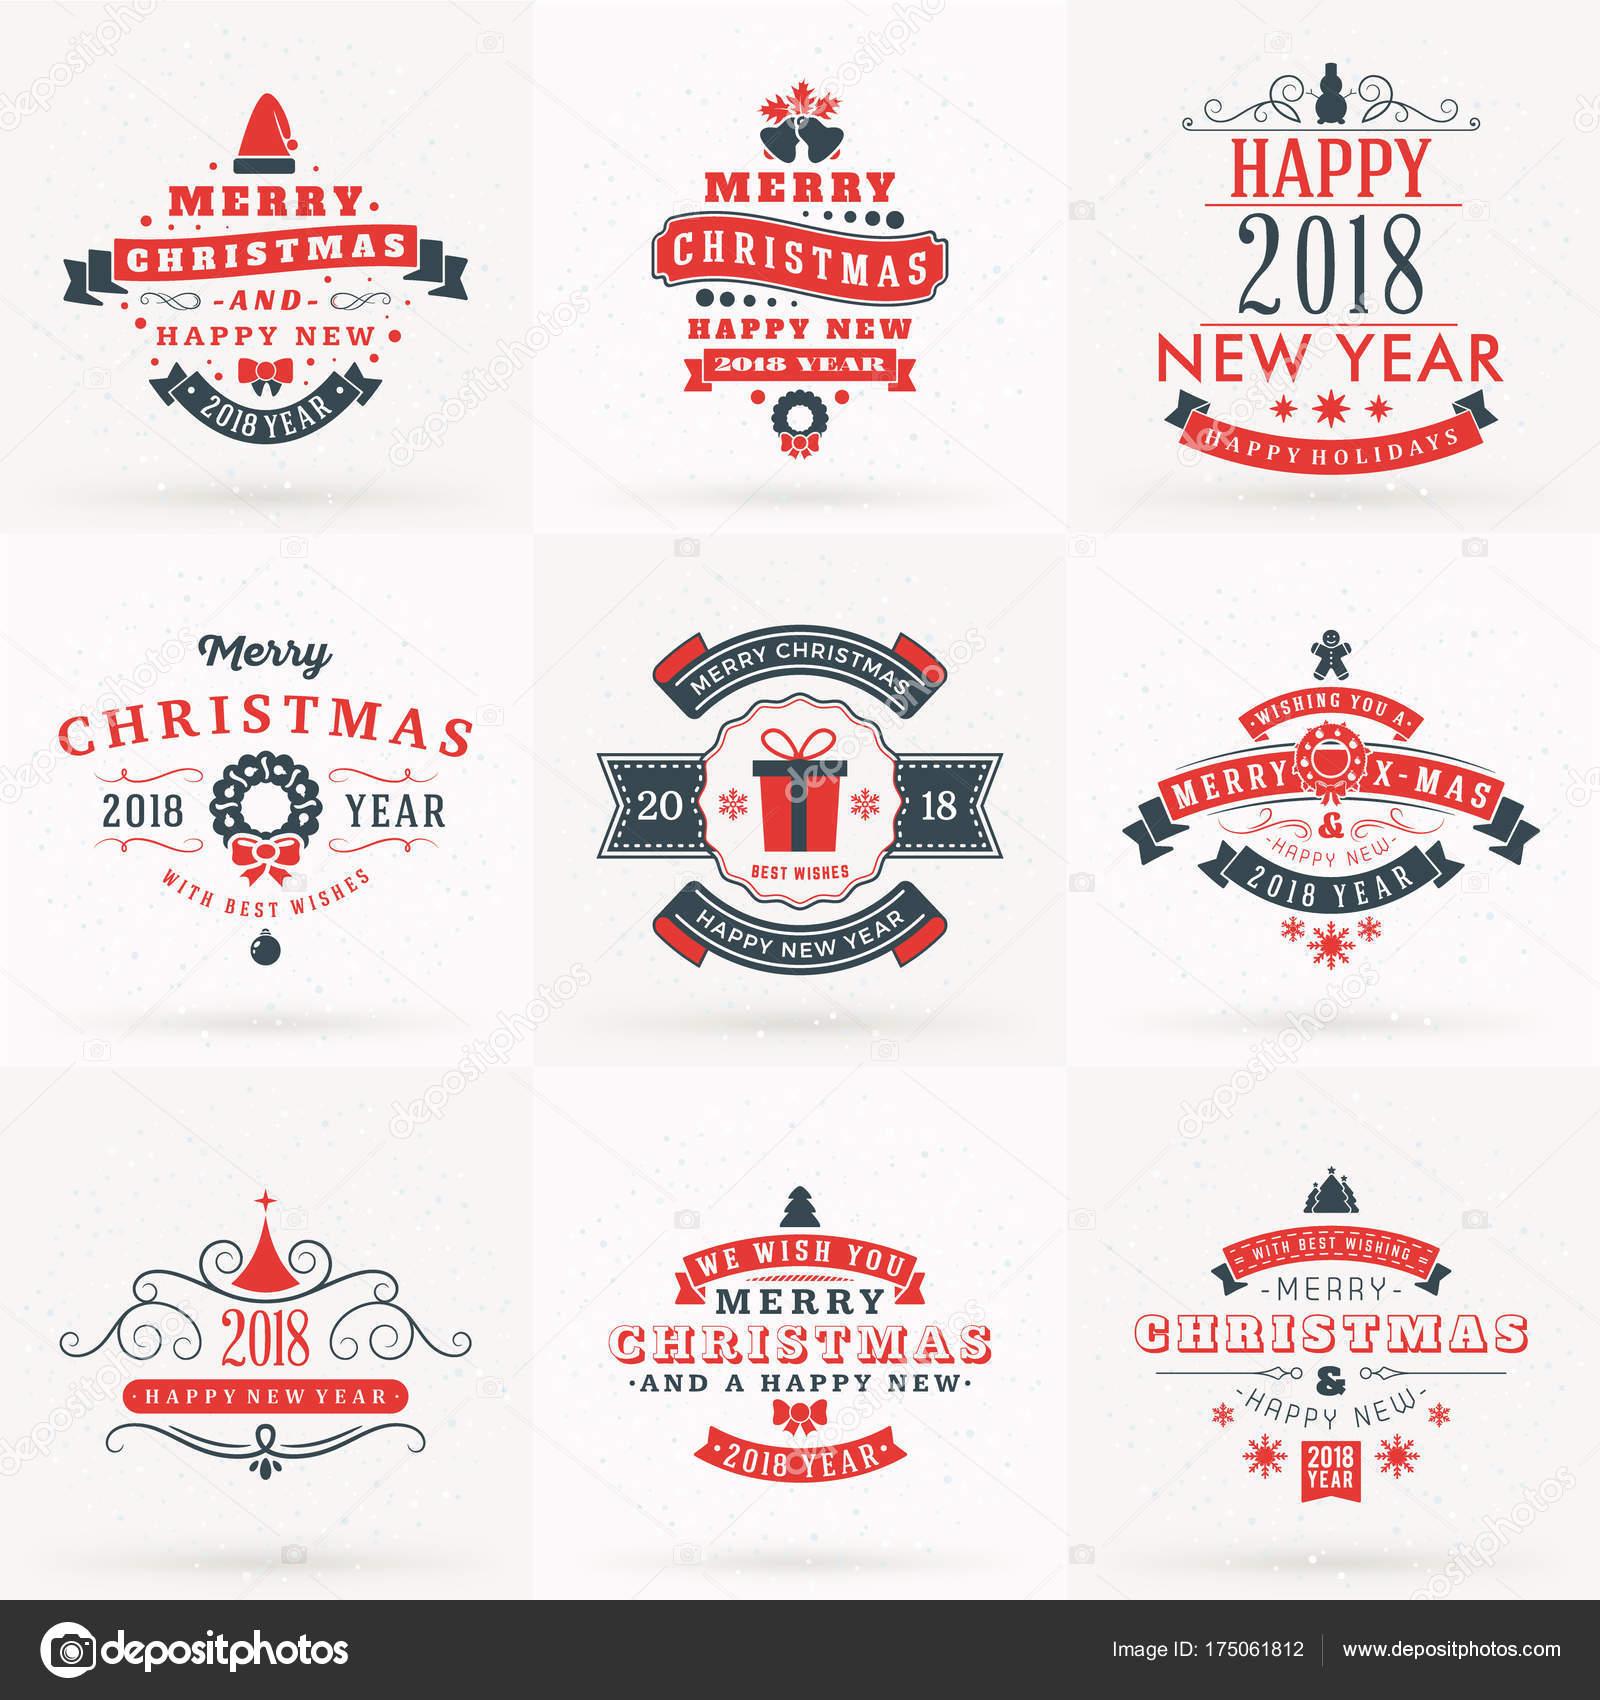 Juego De Feliz Navidad Y Feliz Ano Nuevo 2018 Insignias Decorativas